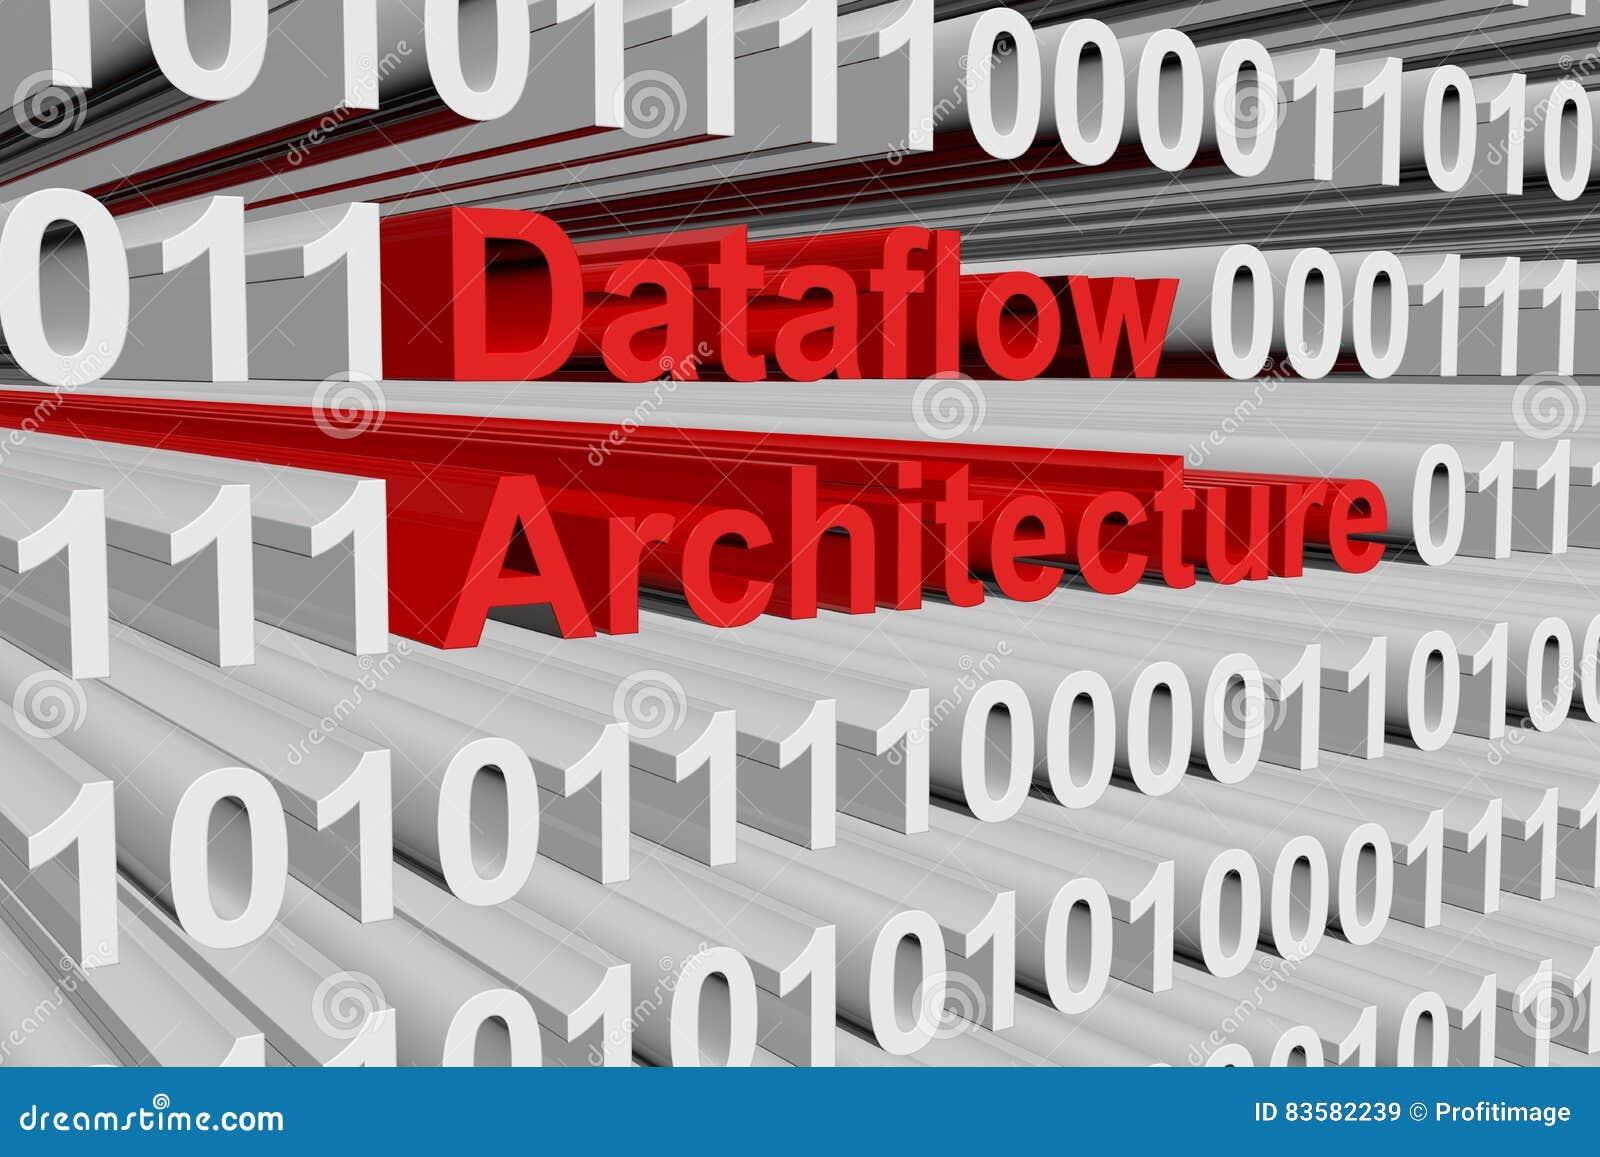 Dataflow architecture stock illustration  Illustration of computer